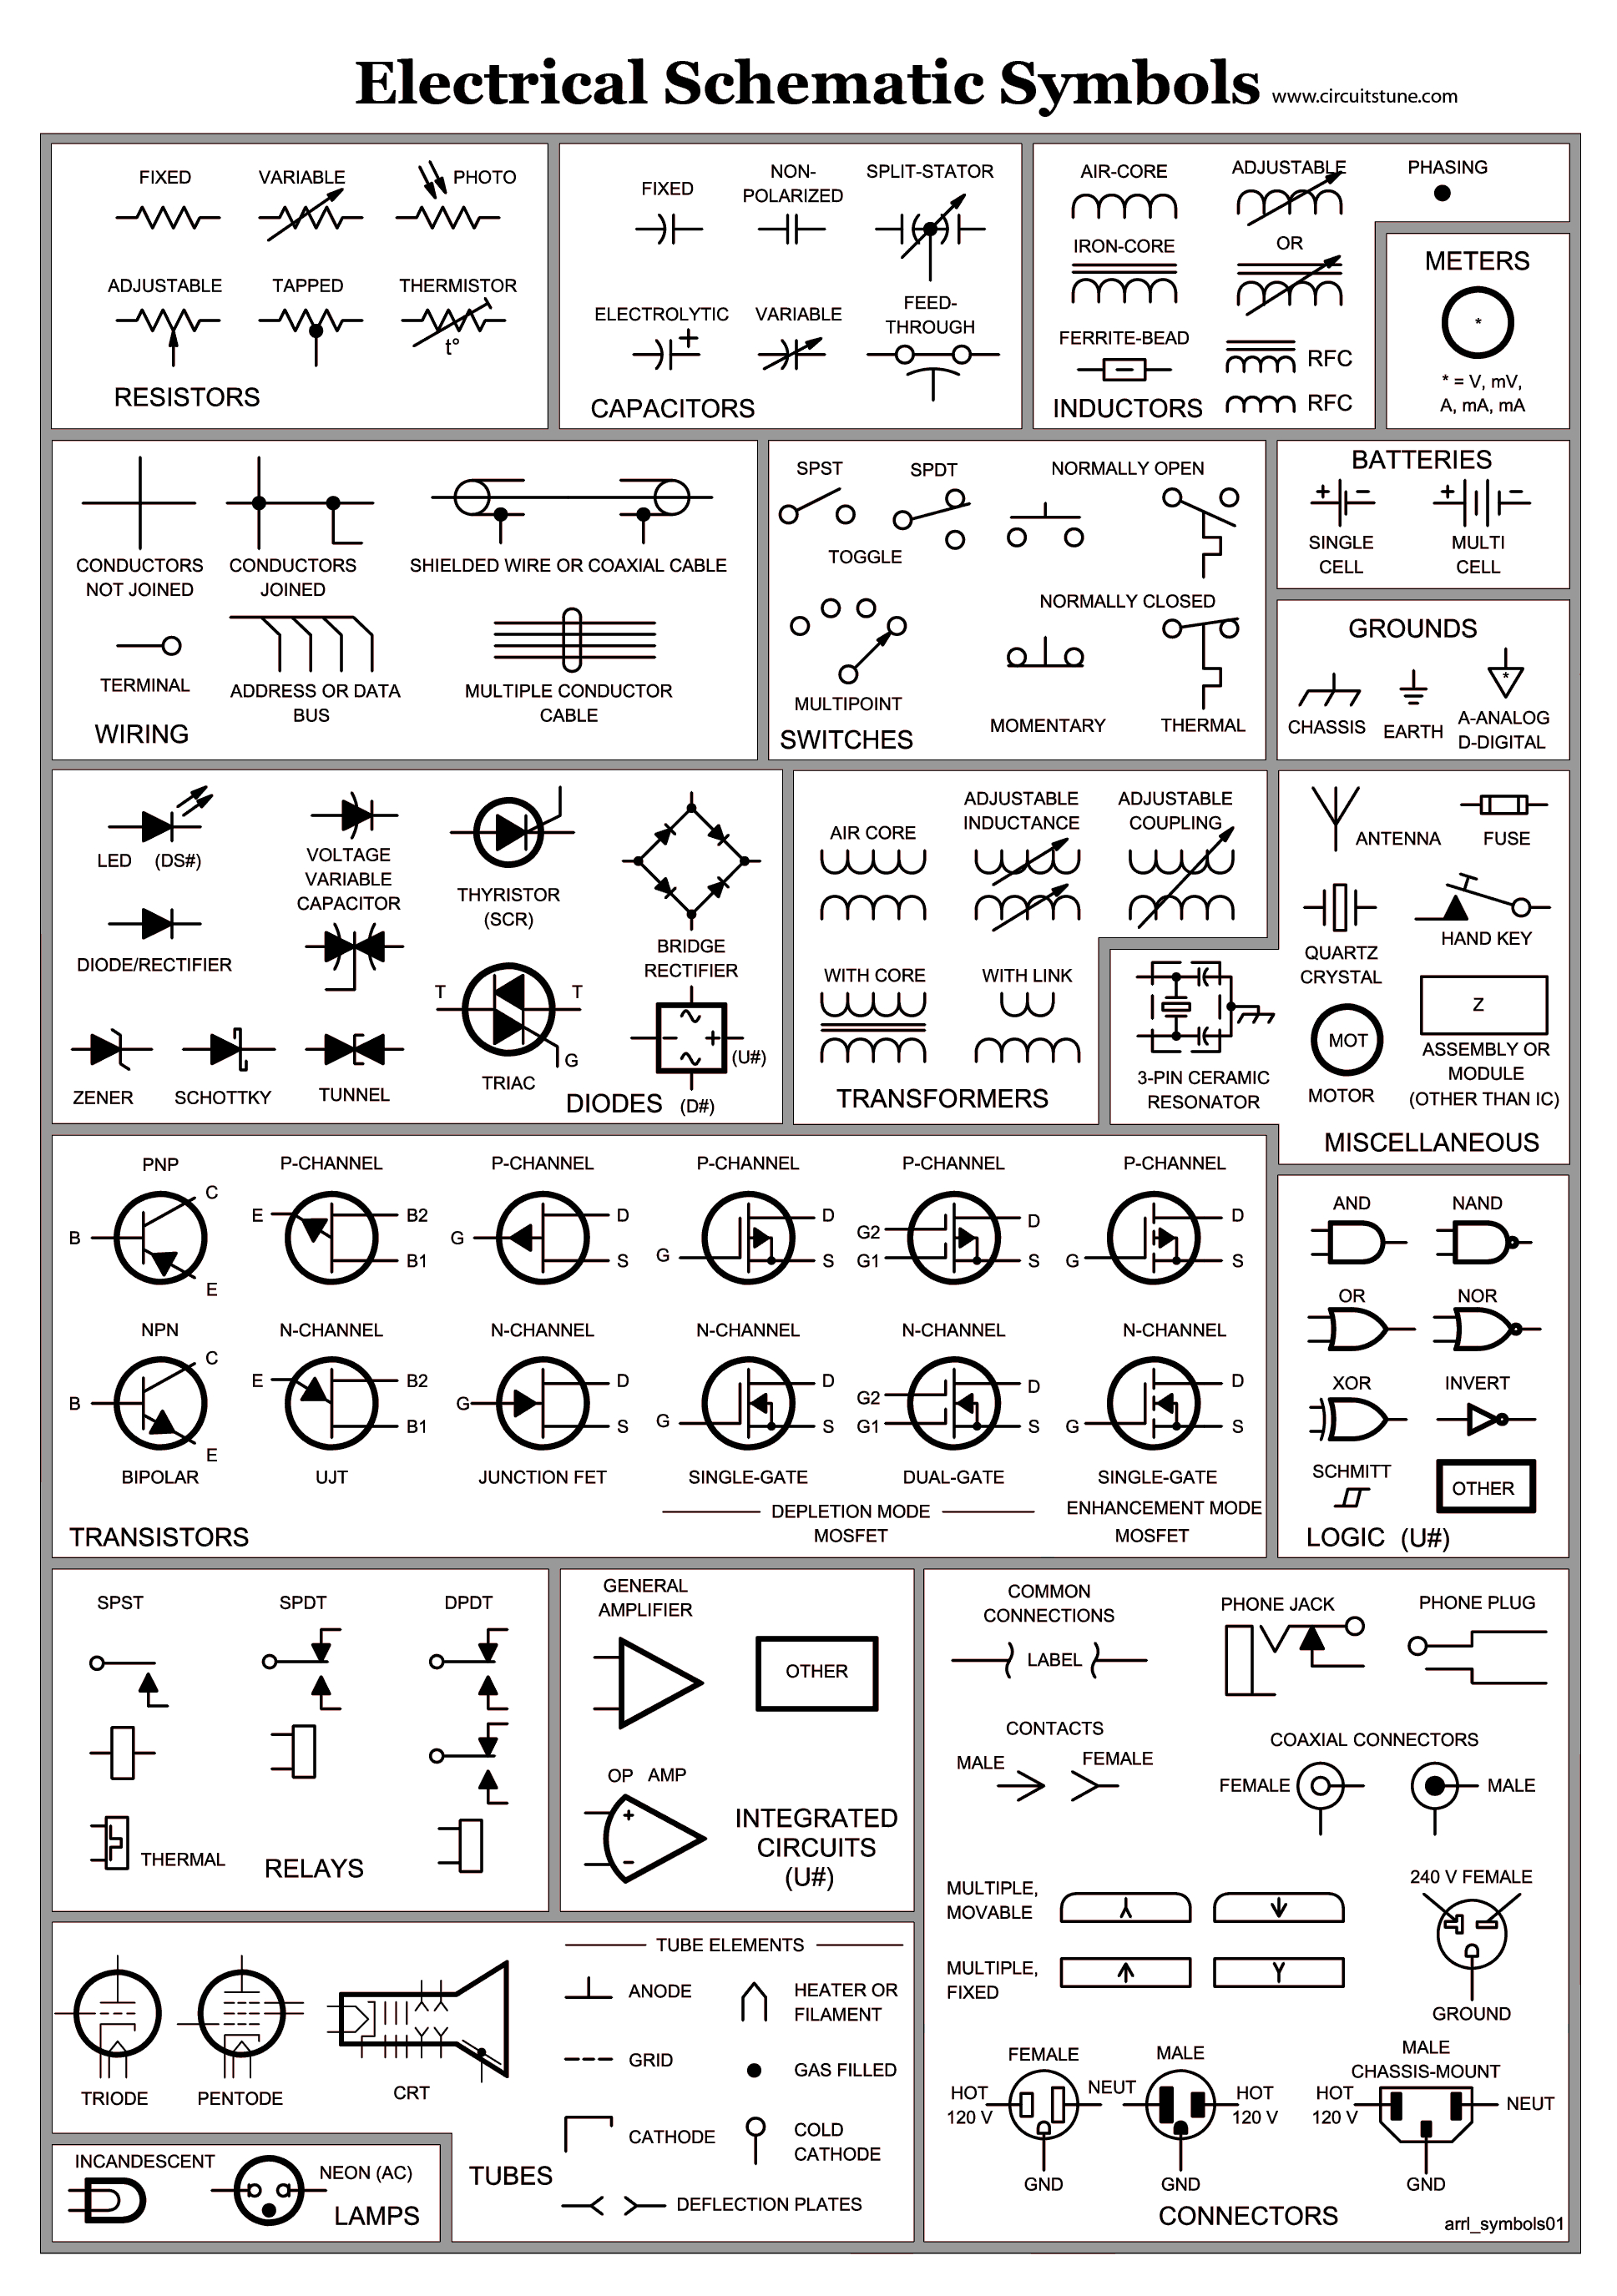 Wiring Schematic Symbols - Wiring Diagram Data Oreo - Automotive Wiring Diagram Symbols